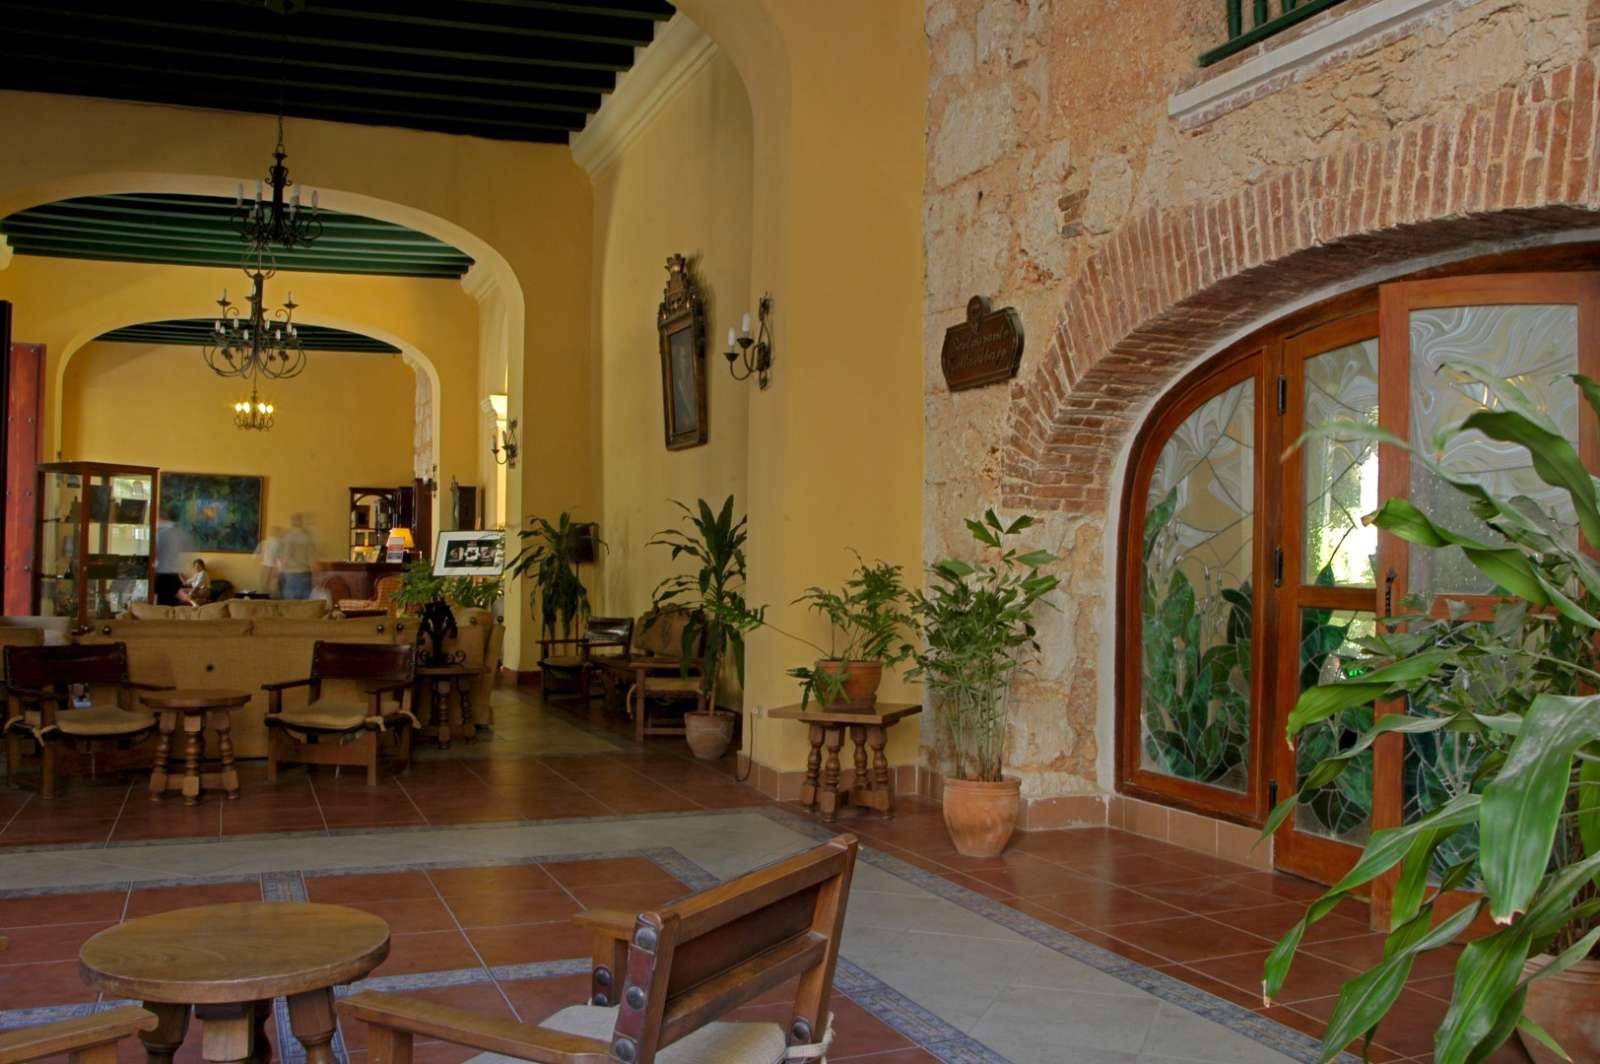 Lobby at the Hotel Conde de Villanueva in Havana, Cuba